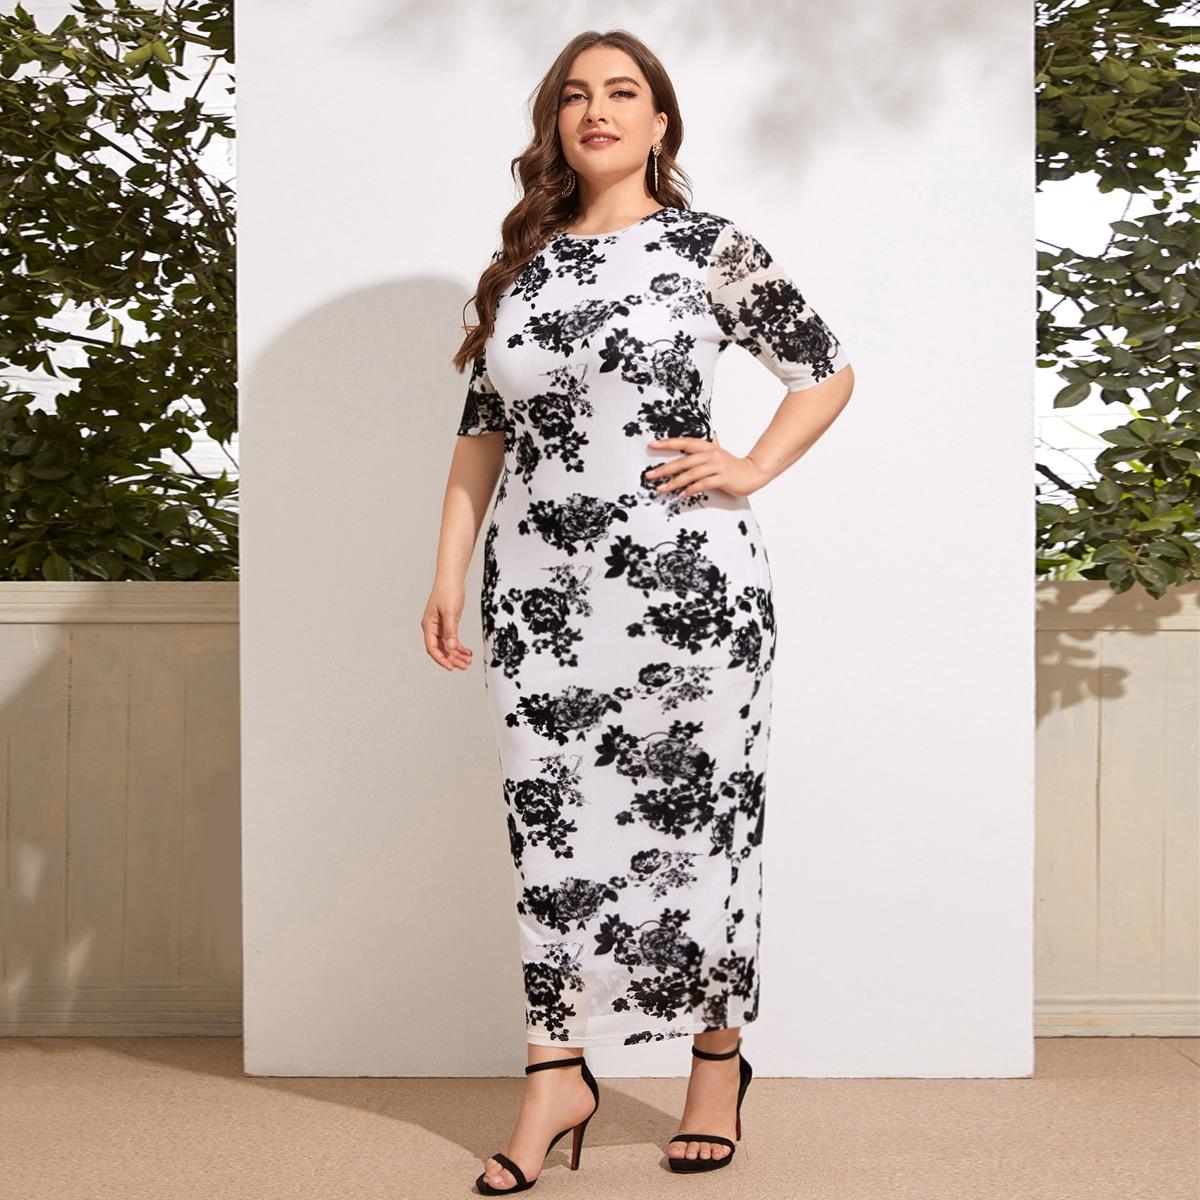 Цветочный Элегантный Платья размер плюс